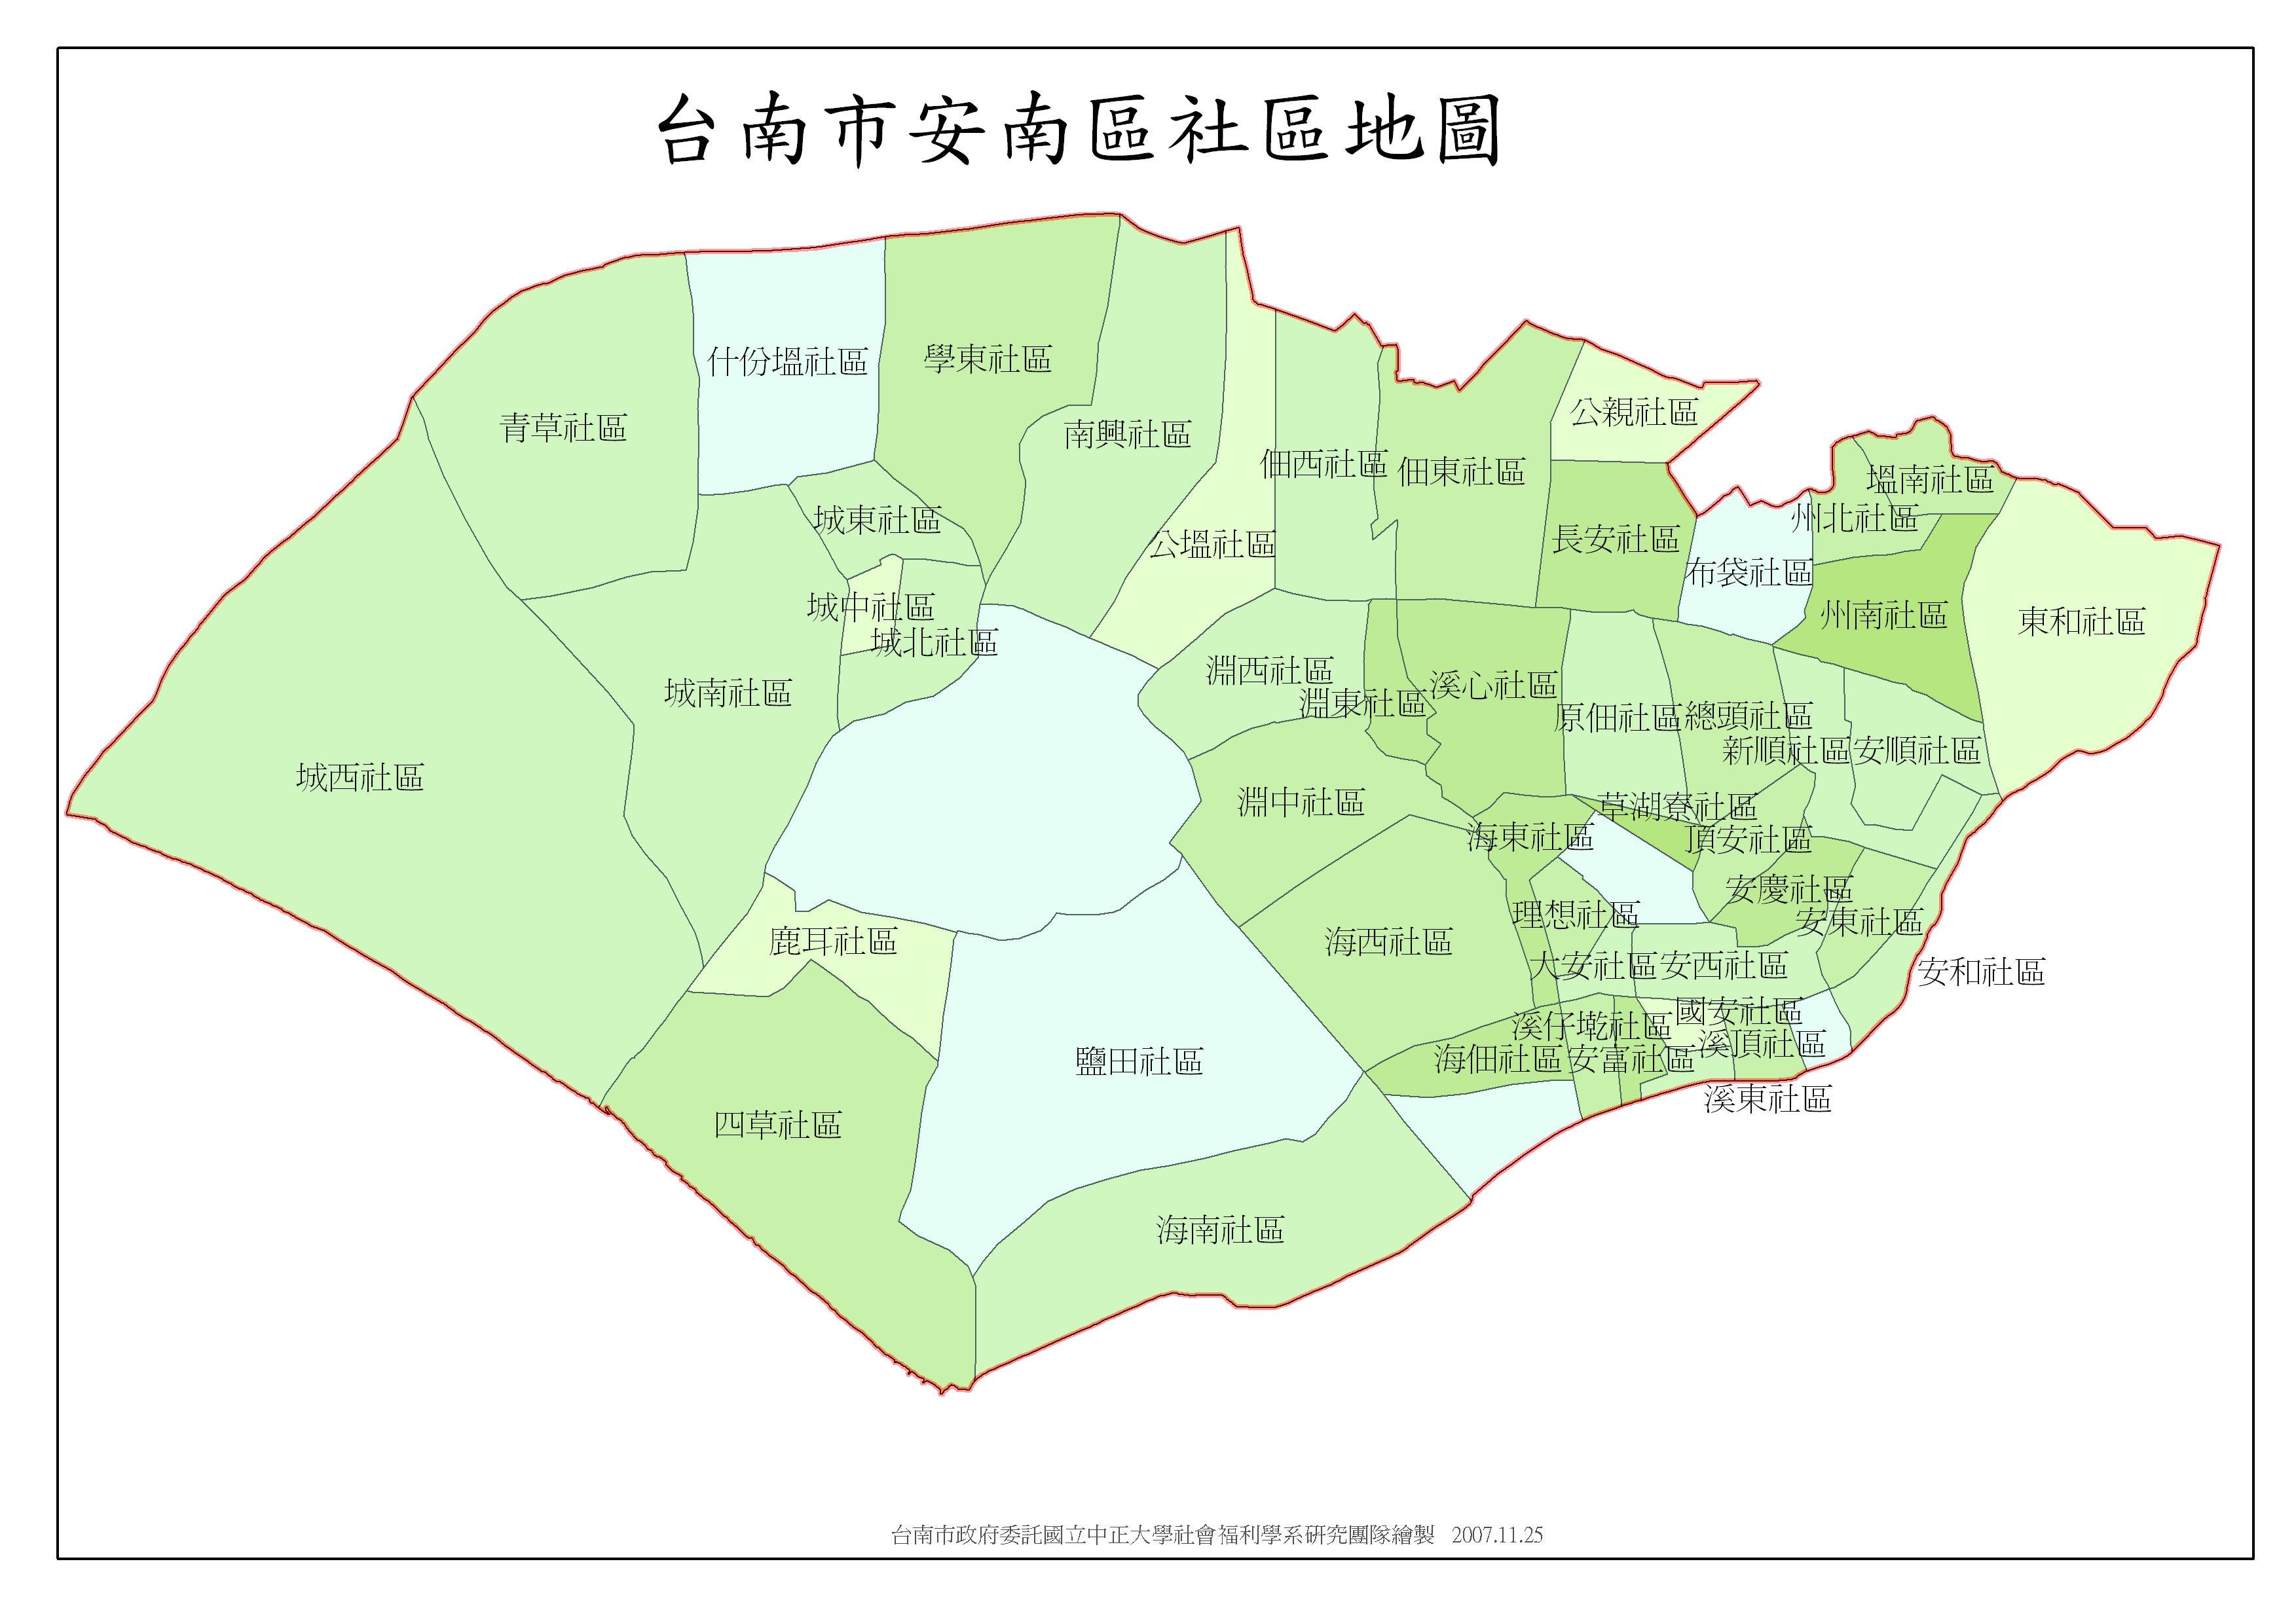 台南市安南区社区地图